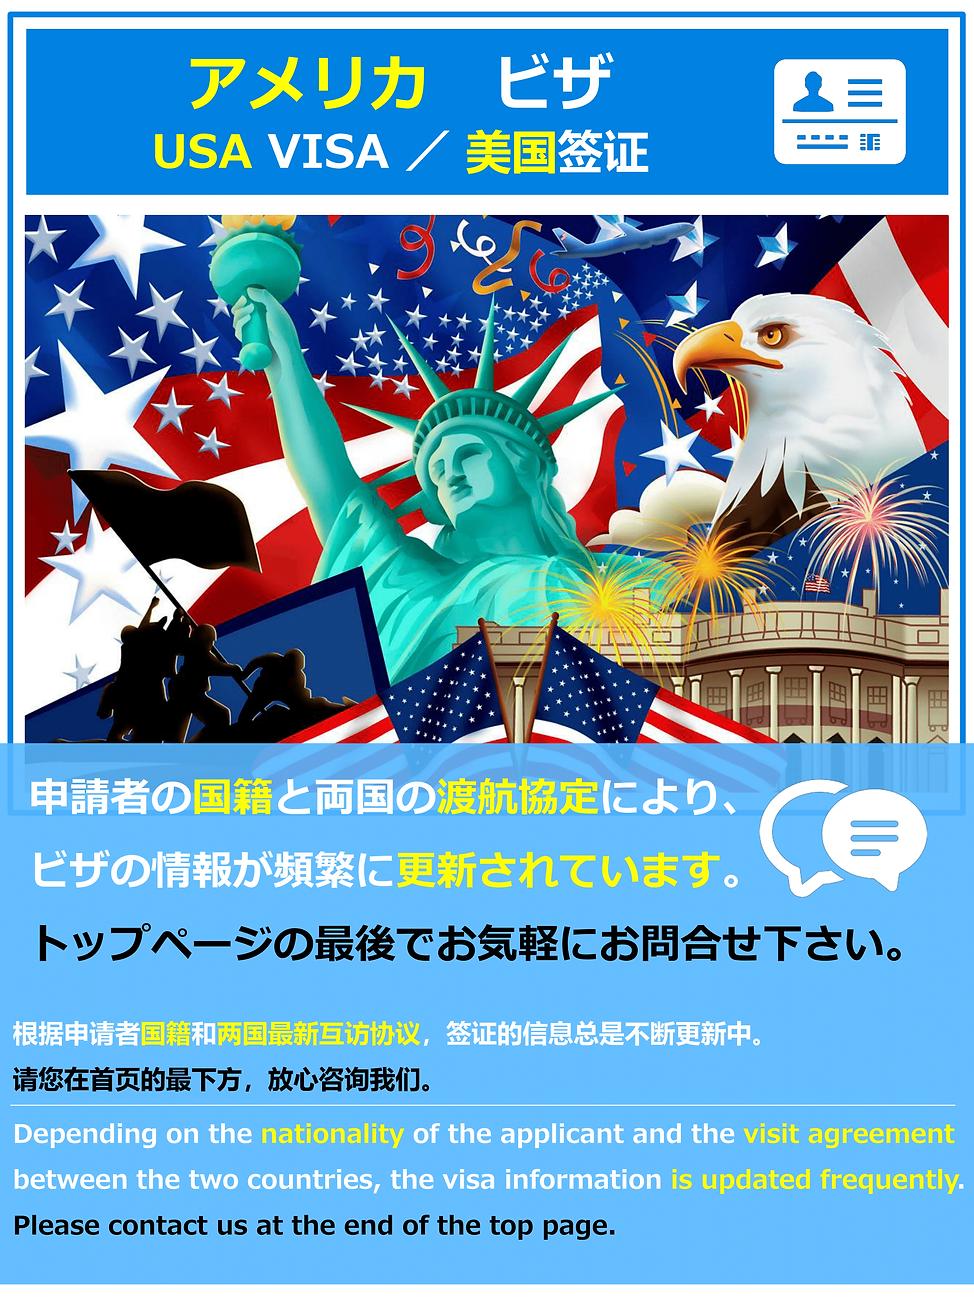 アメリカ USA ビザ 申請 代行